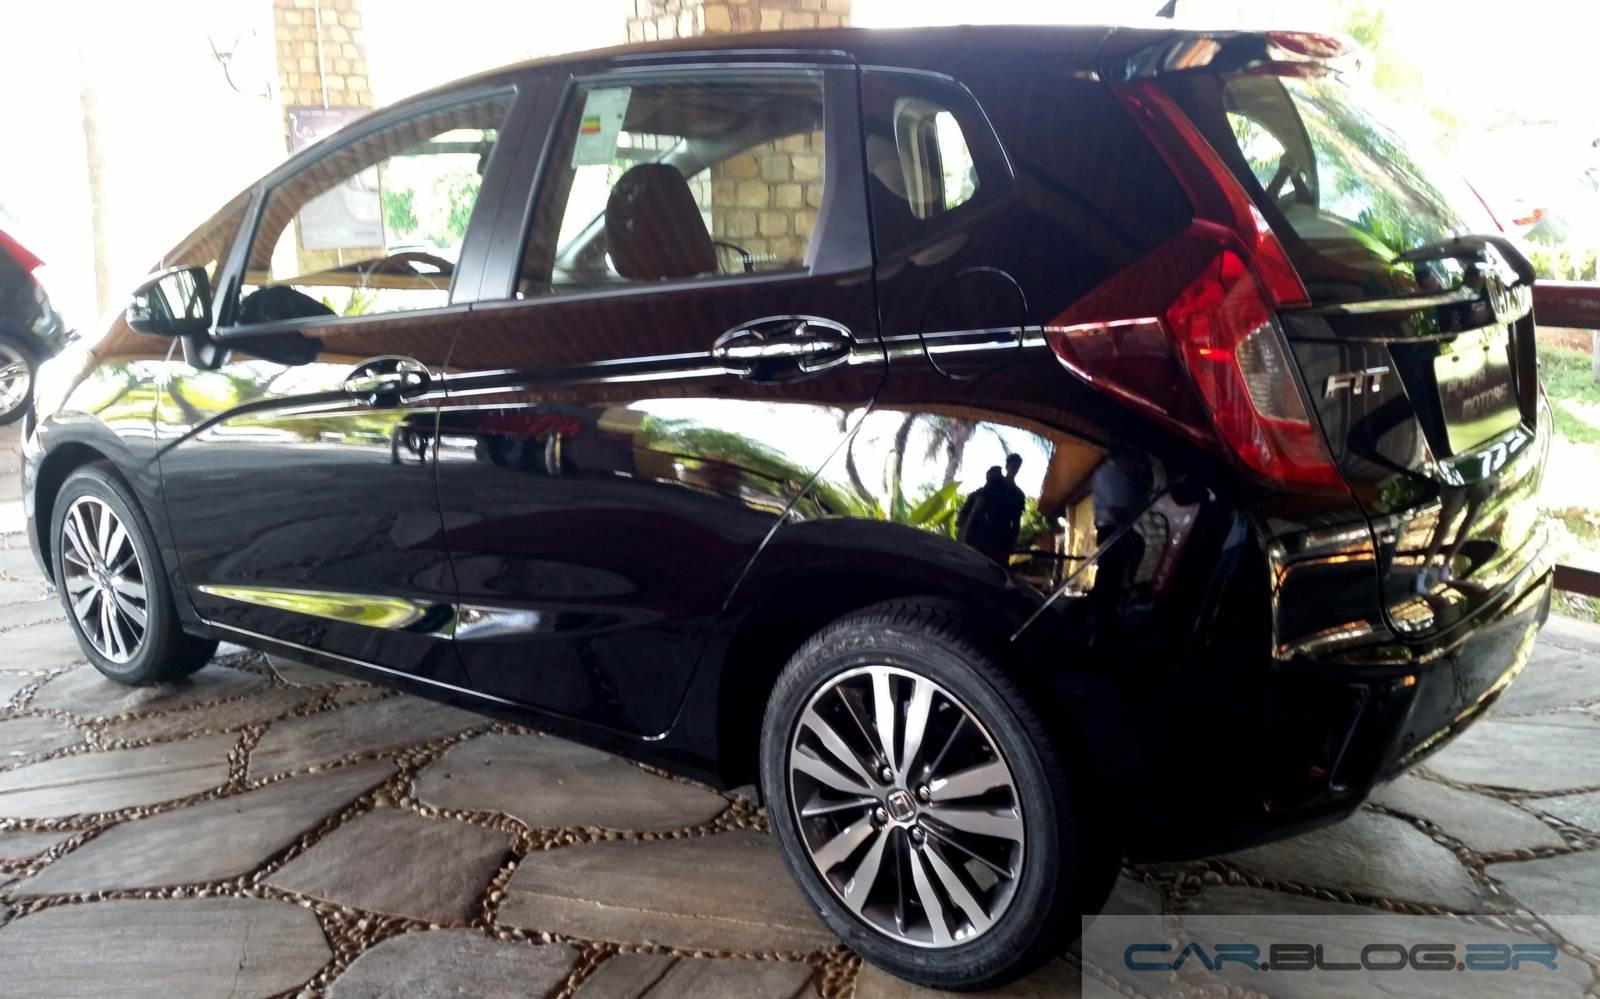 Honda Fit 2015 Lx >> Novo Honda Fit EX 2015: preço e especificações técnicas | CAR.BLOG.BR